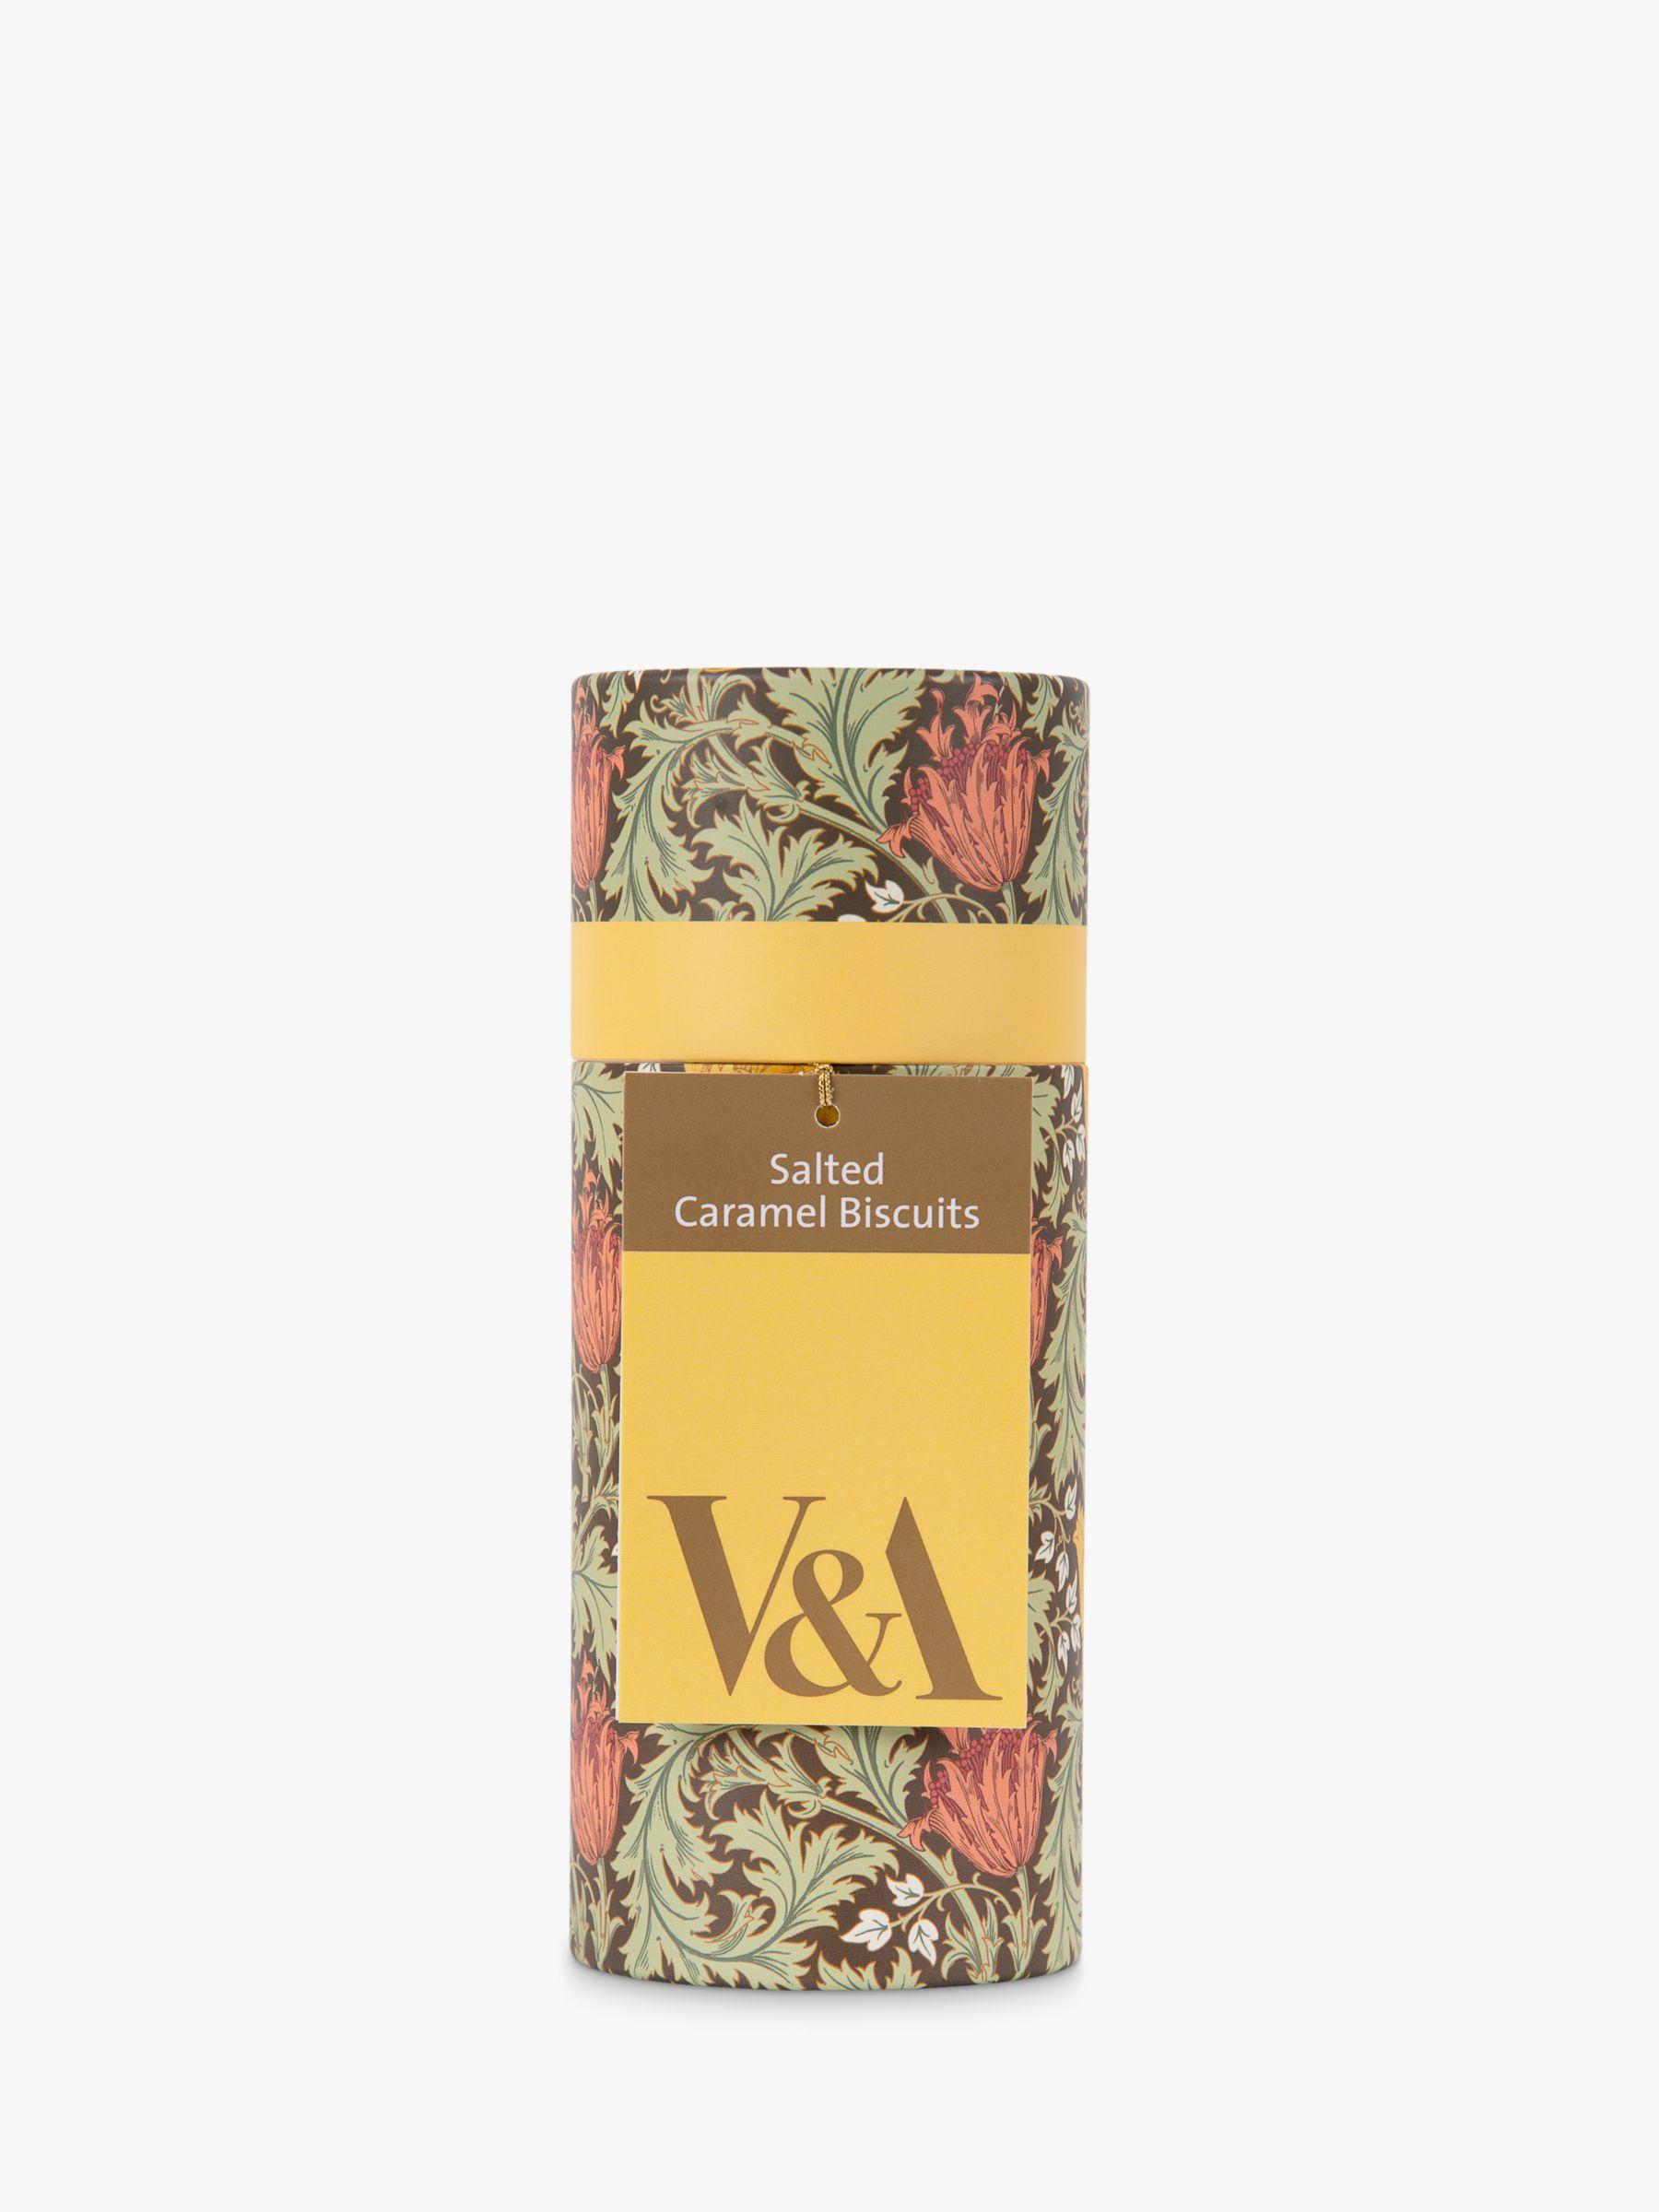 V&A V&A Salted Caramel Biscuits, 100g